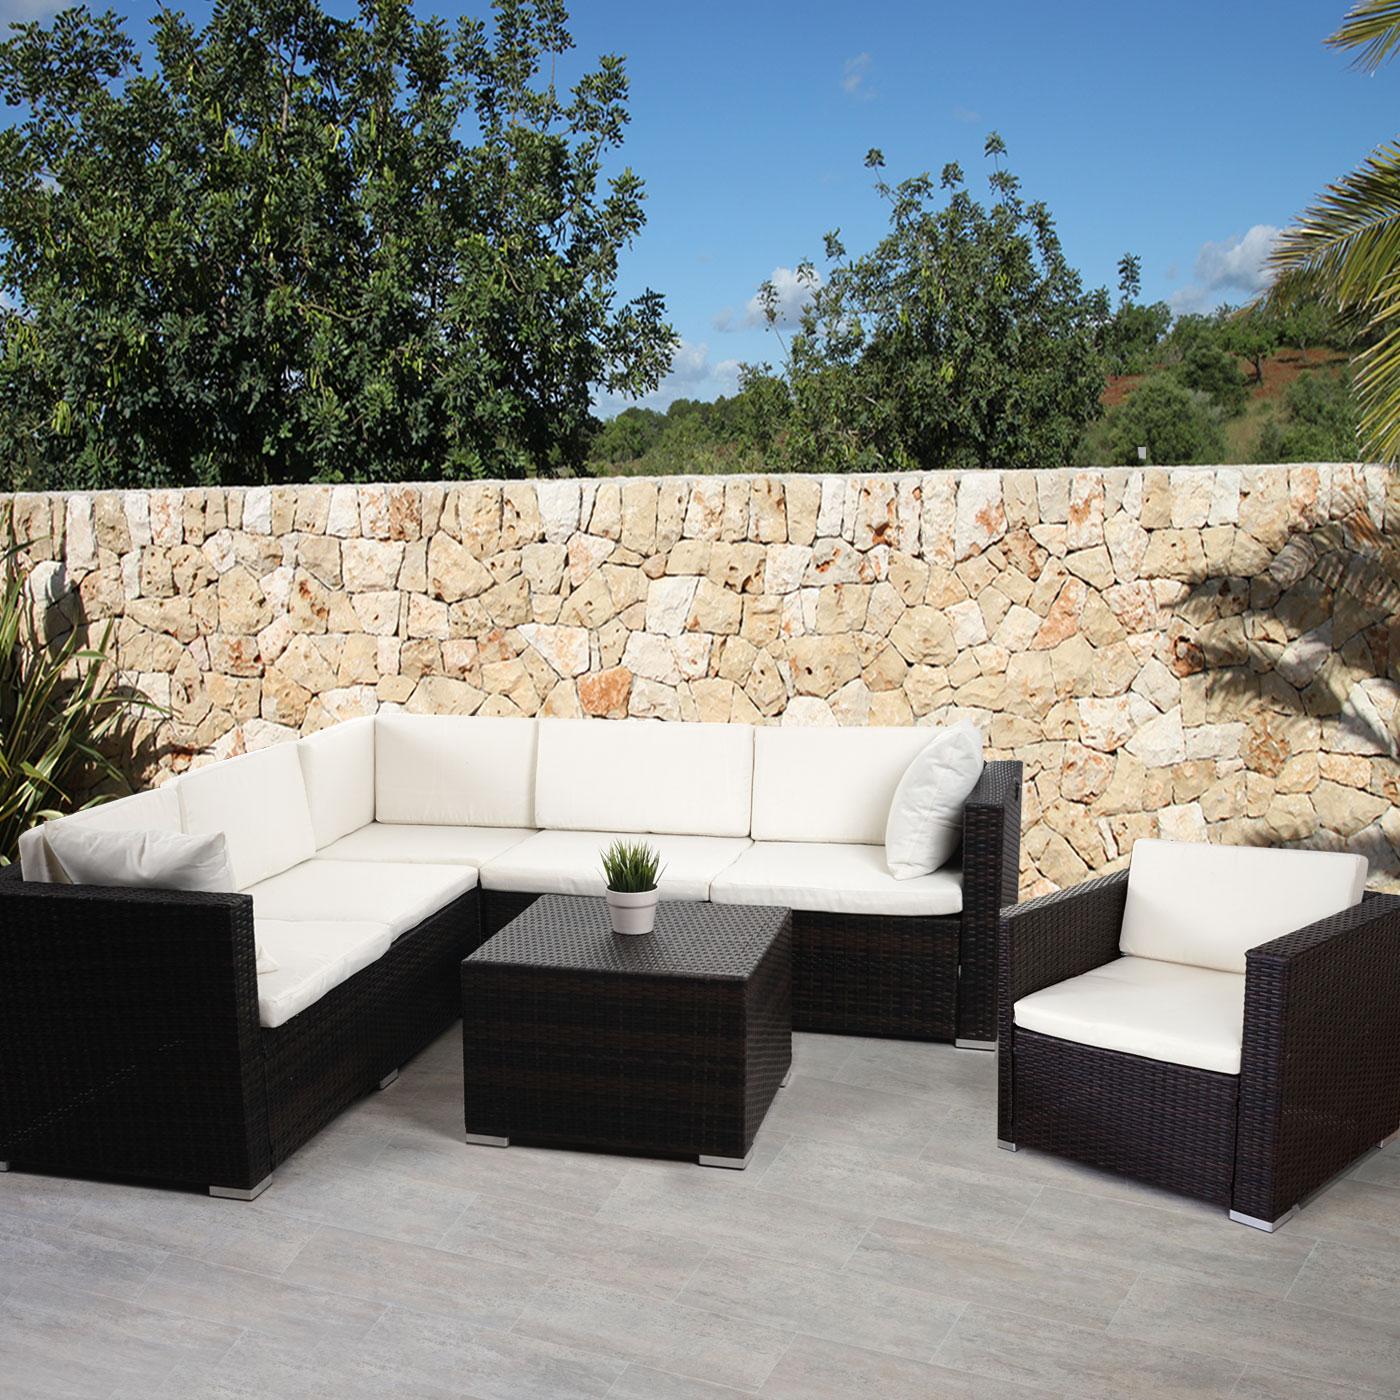 Gartensofa Rund Loungemöbel Garten Online Kaufen Möbel Suchmaschine